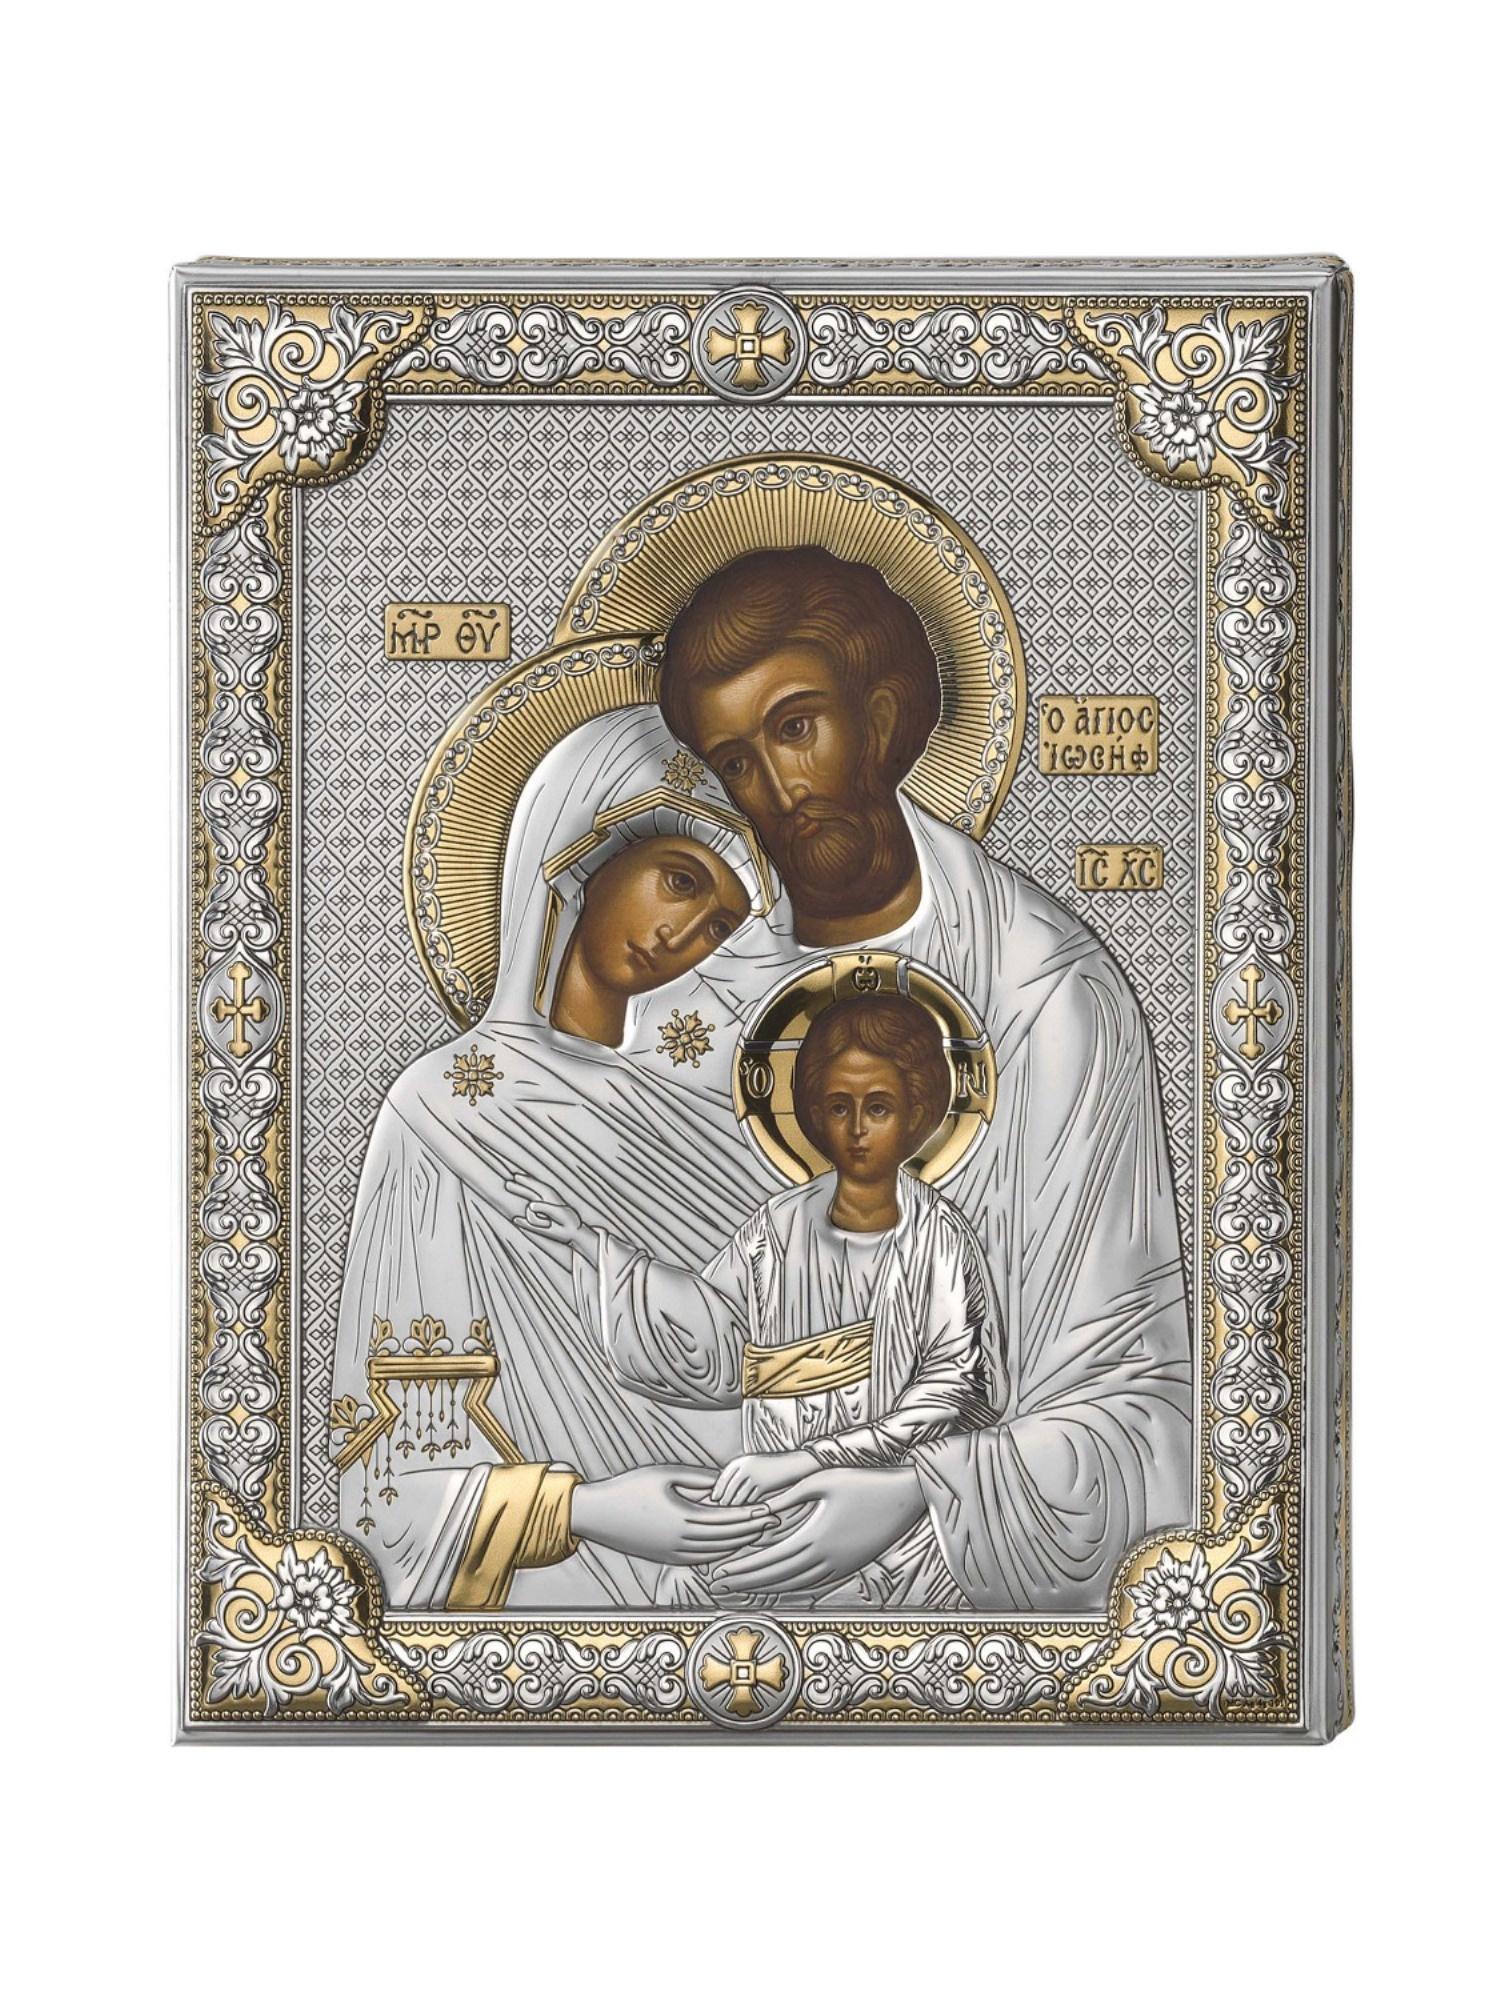 Фото - Икона АргентА Святое семейство 16 х 20, серебристый иконы